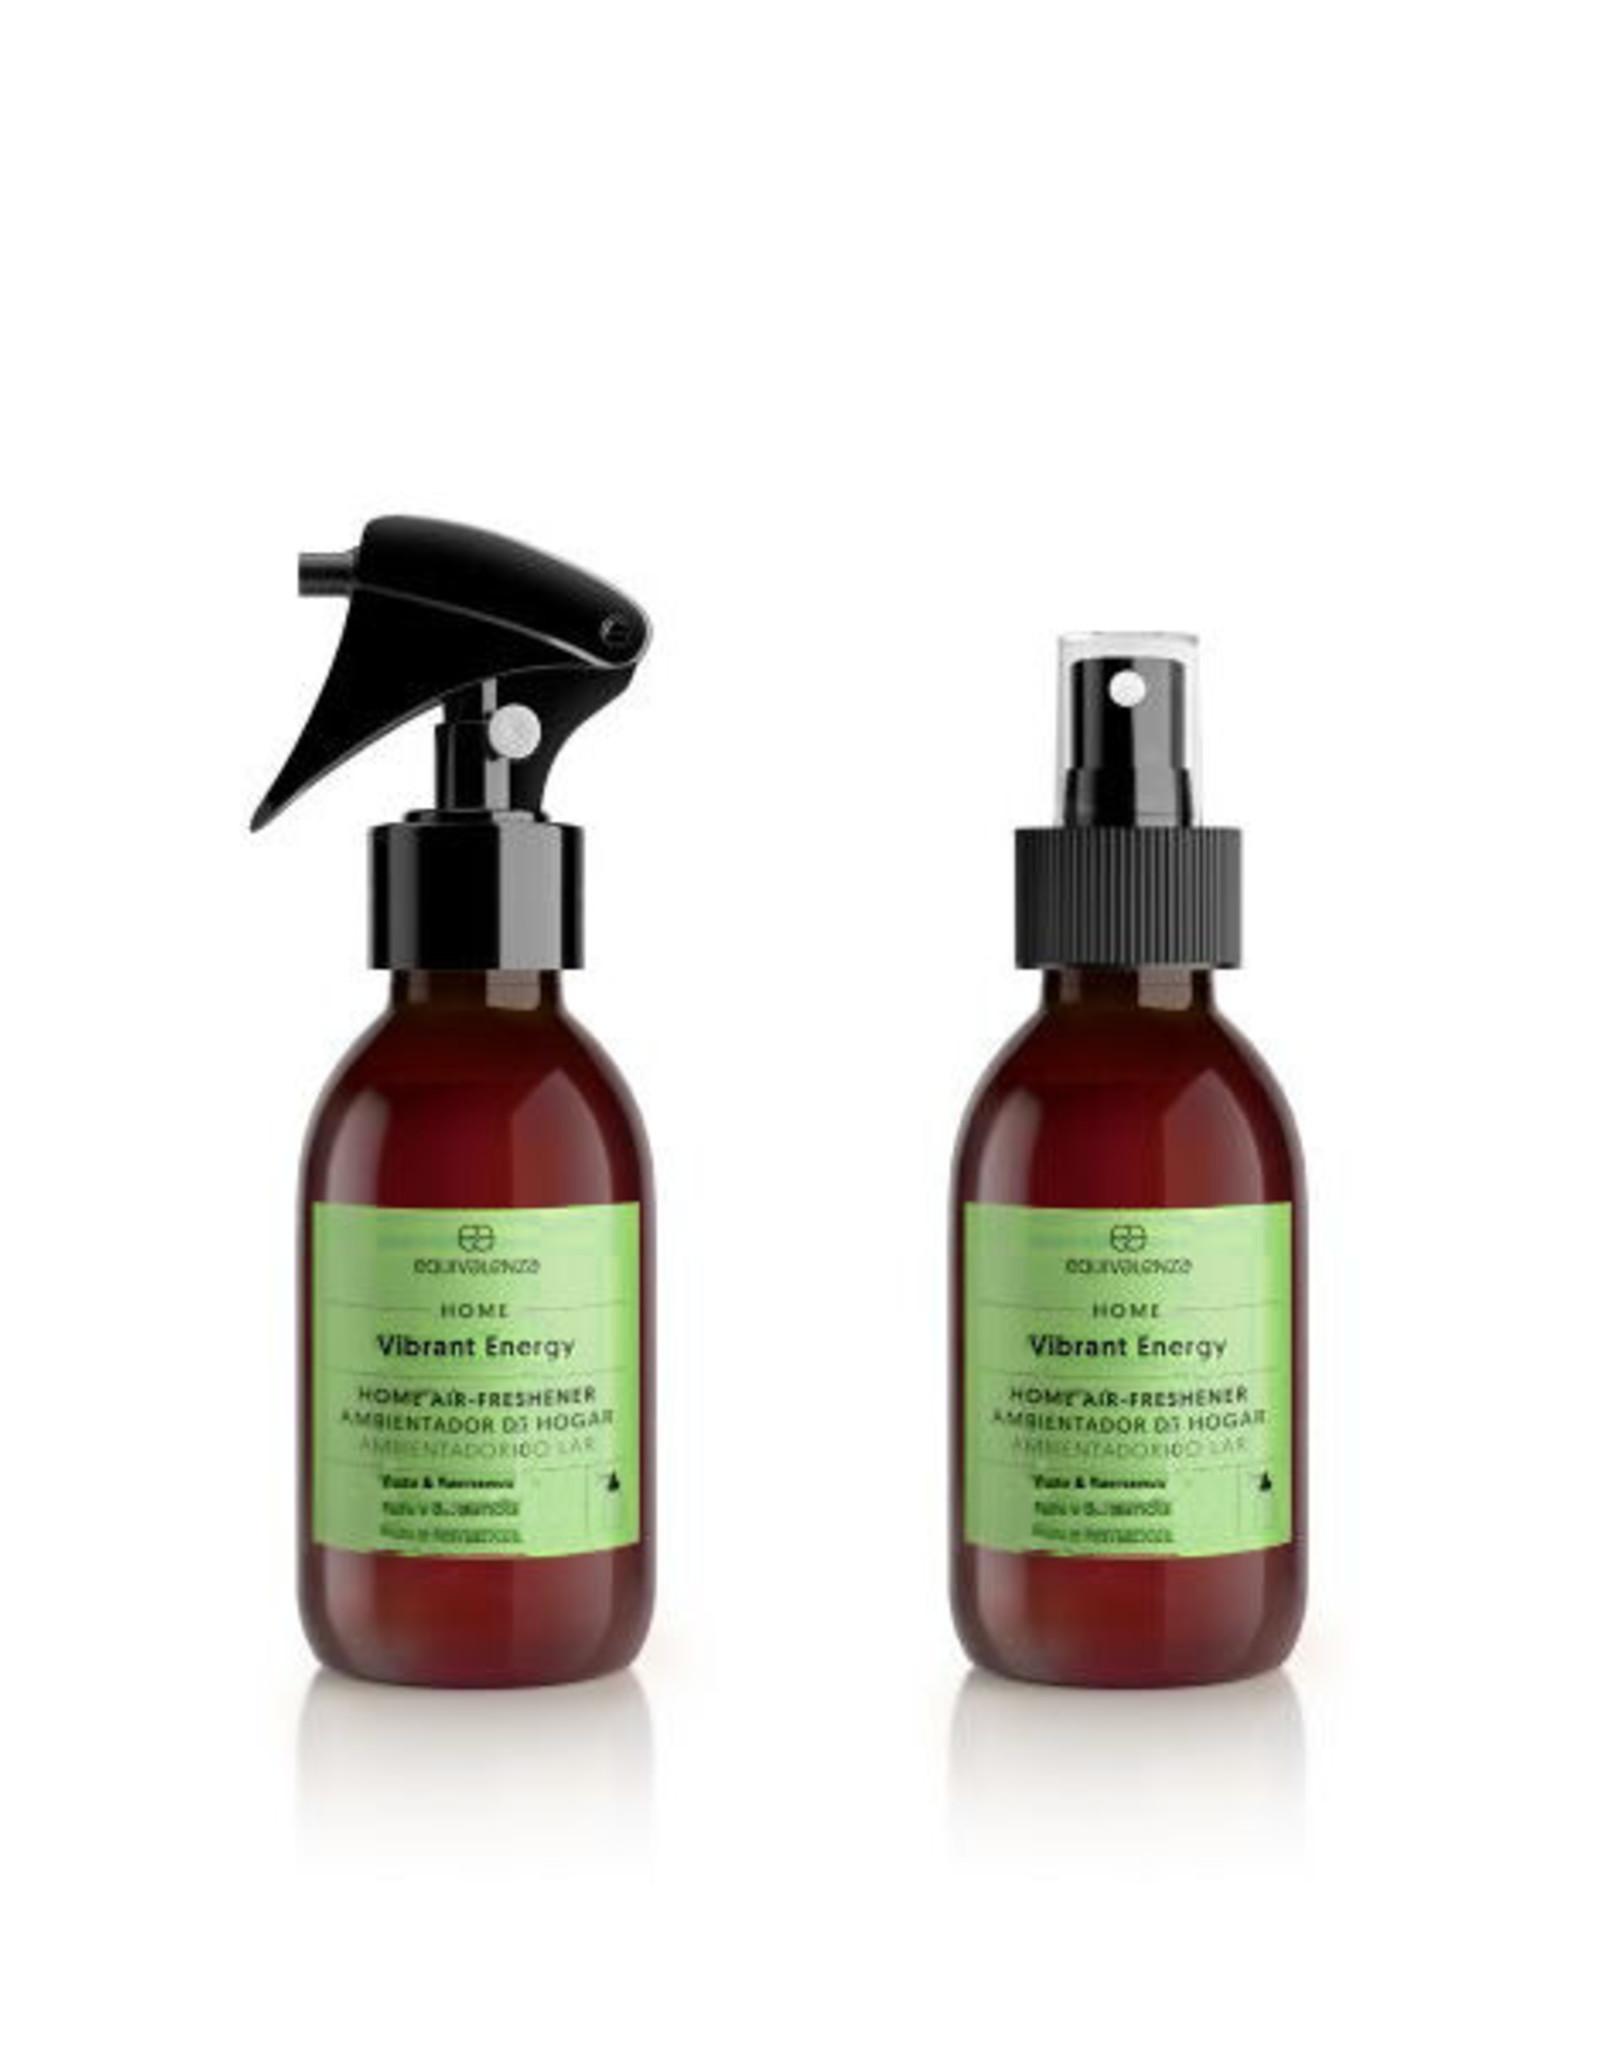 Equivalenza Air Freshener - Energy Vibrant (yuzu and bergamot)